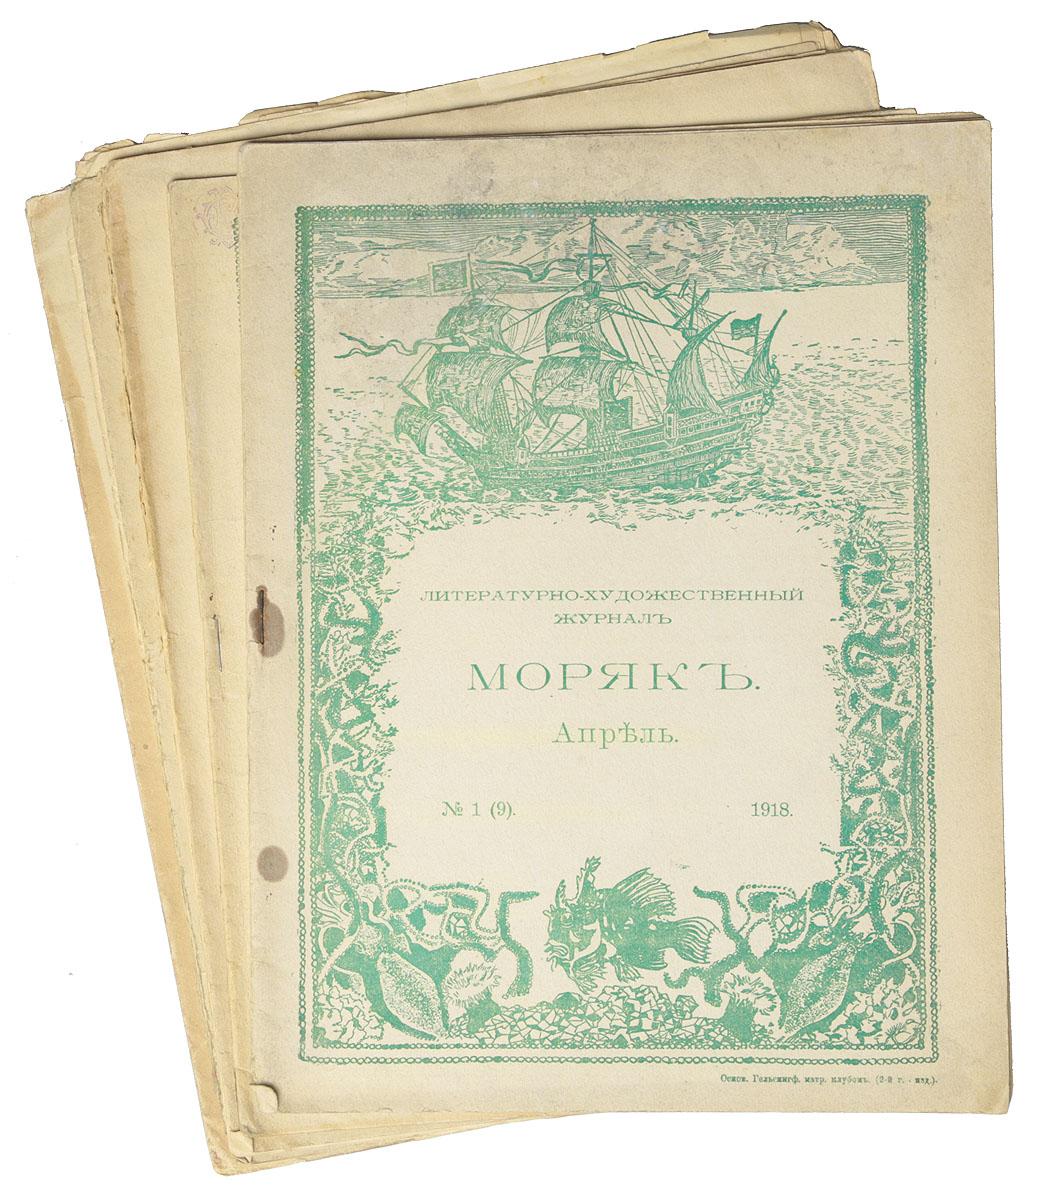 Литературно-художественный журнал Моряк. Комплект из 5 выпусков за 1918 год